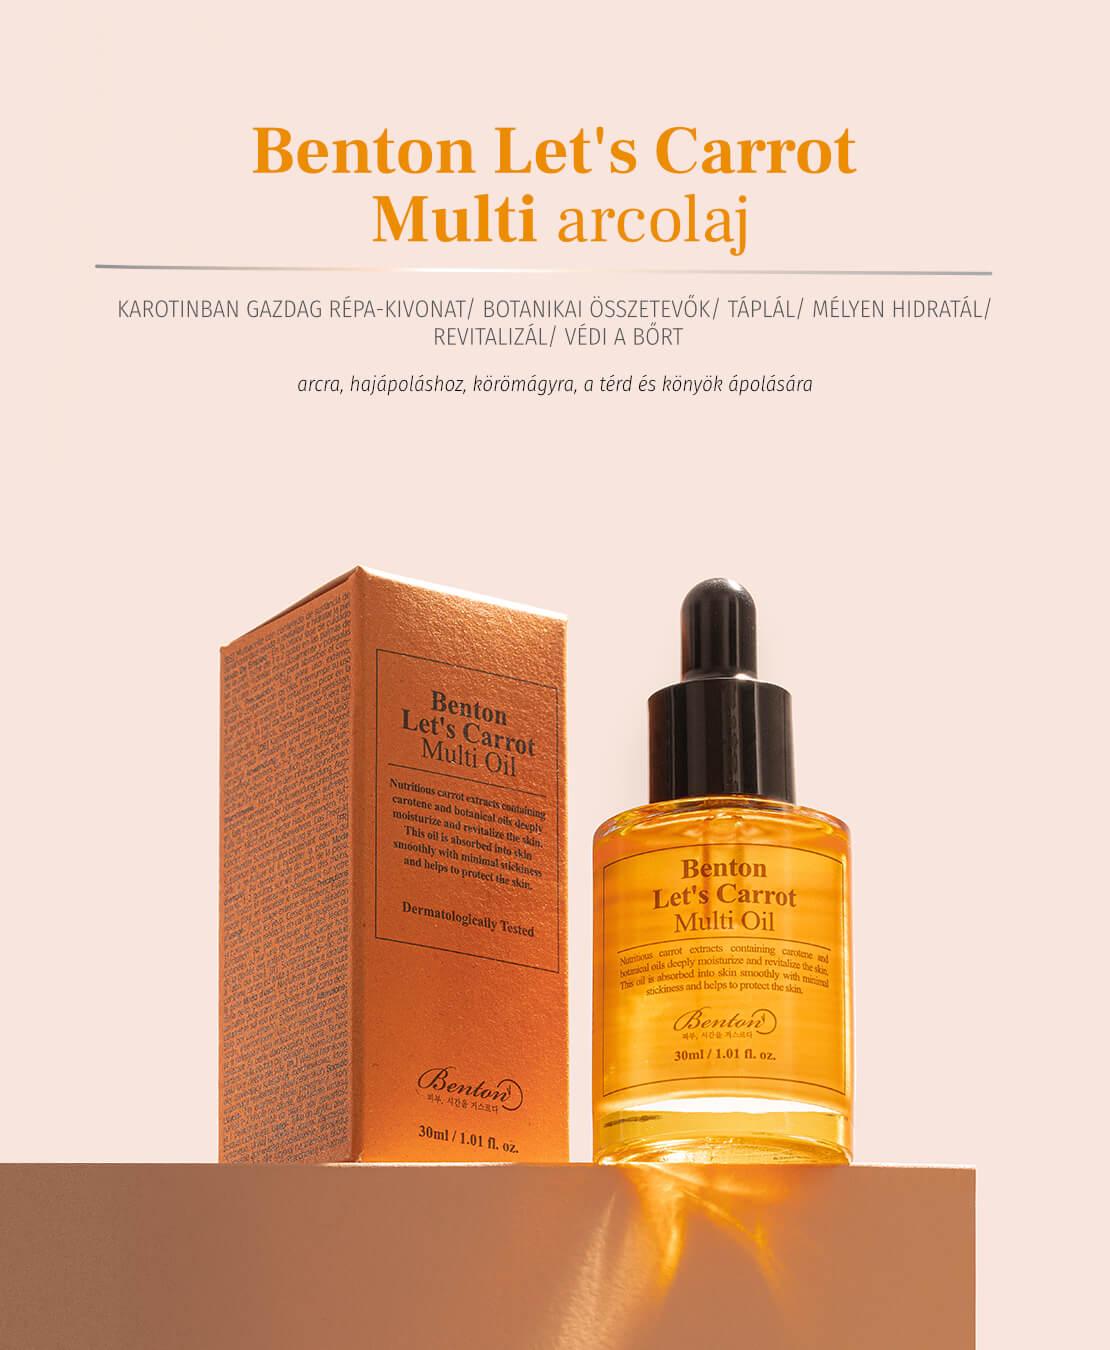 Benton-Lets-carrot-multi-arcolaj-leiras